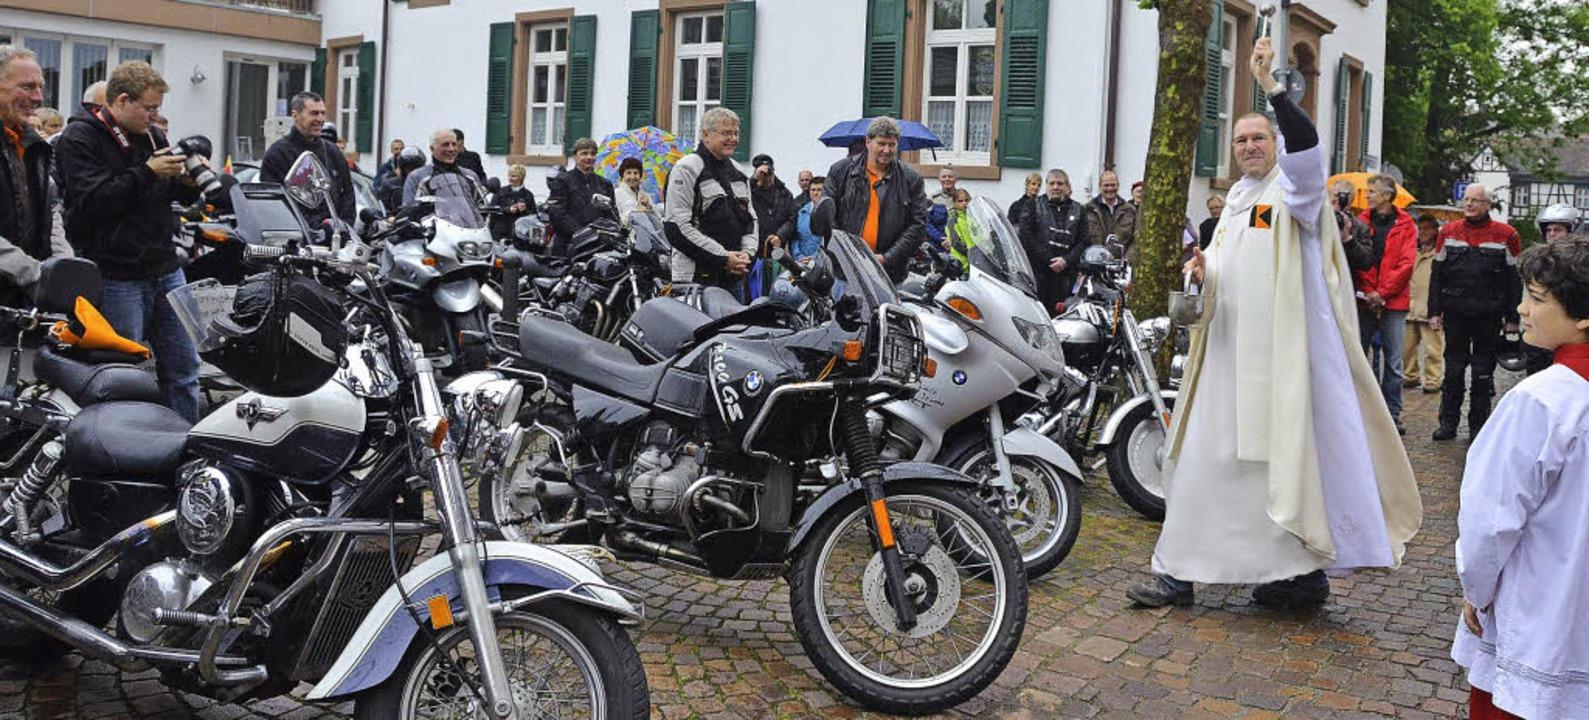 Bundesweites Kolping-Bikertreffen in Emmendingen:  | Foto: Sylvia-Karina Jahn